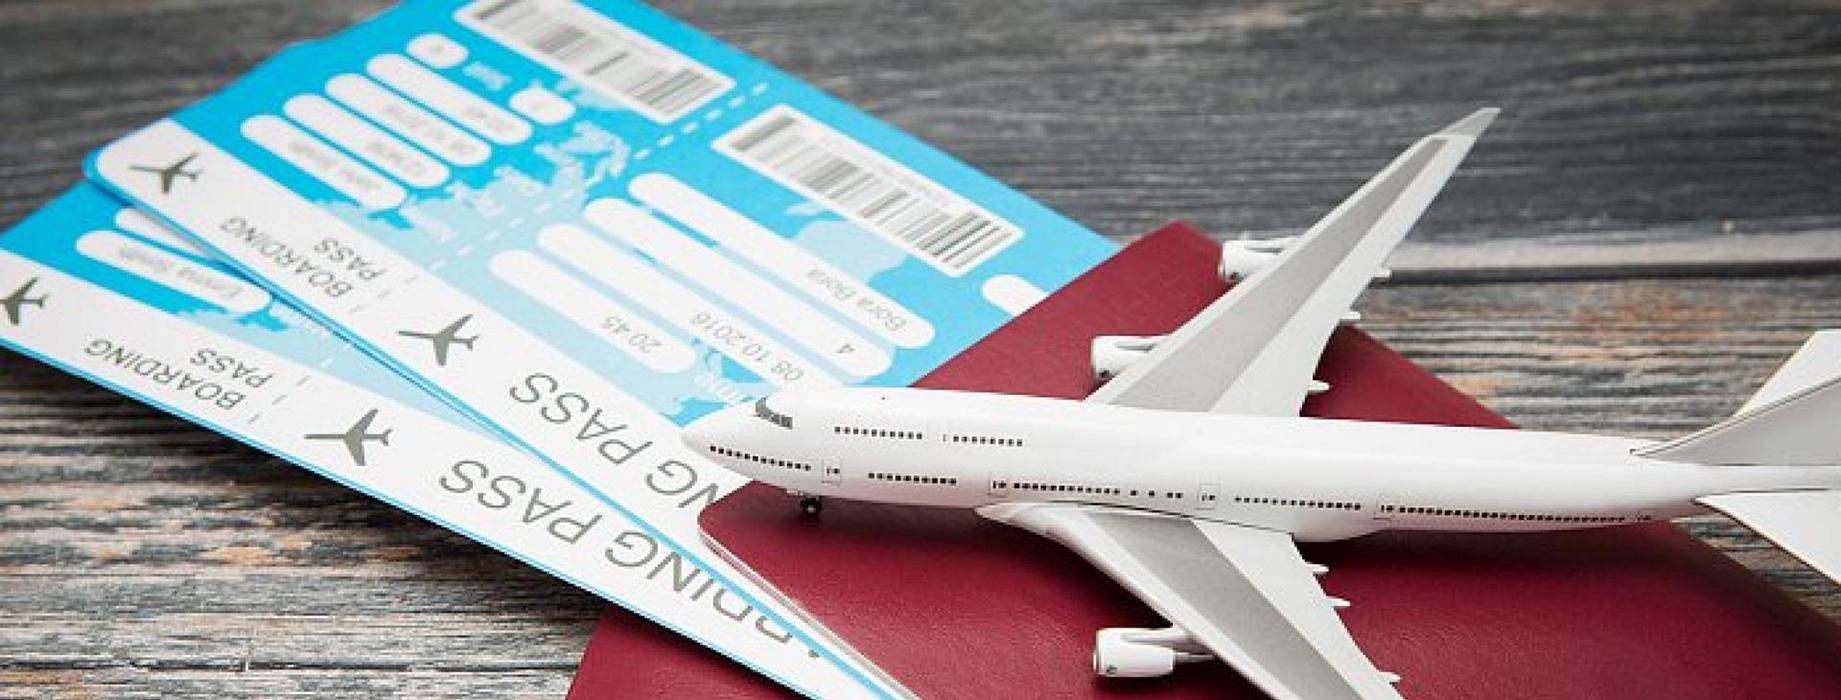 комплекте картинка билета на самолет в италию так давно